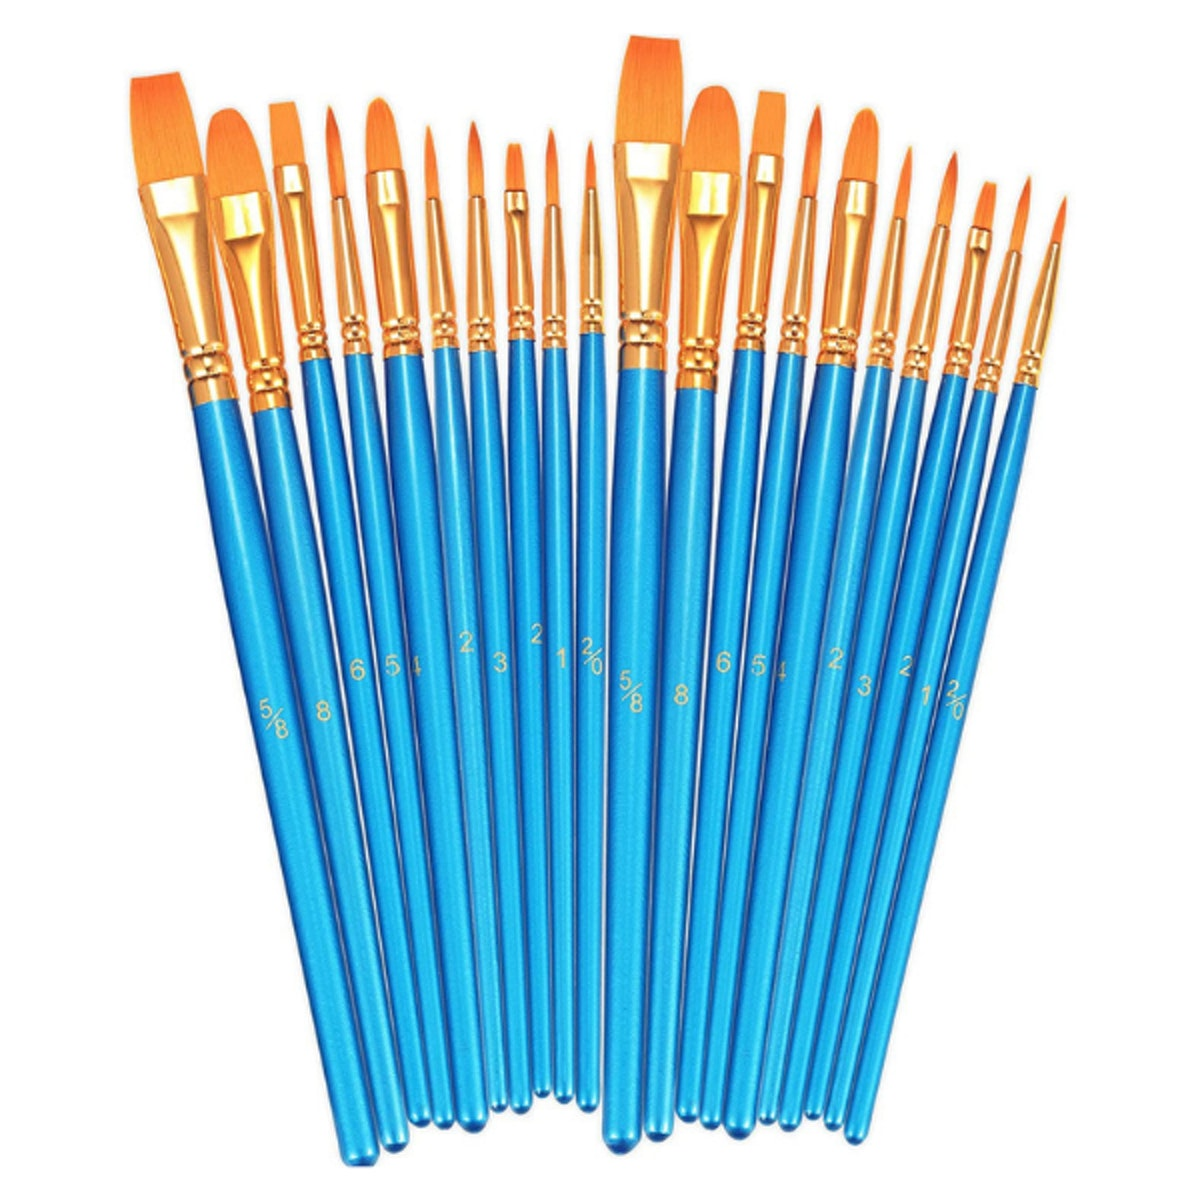 BOSOBO Paint Brush Set (Set of 20)